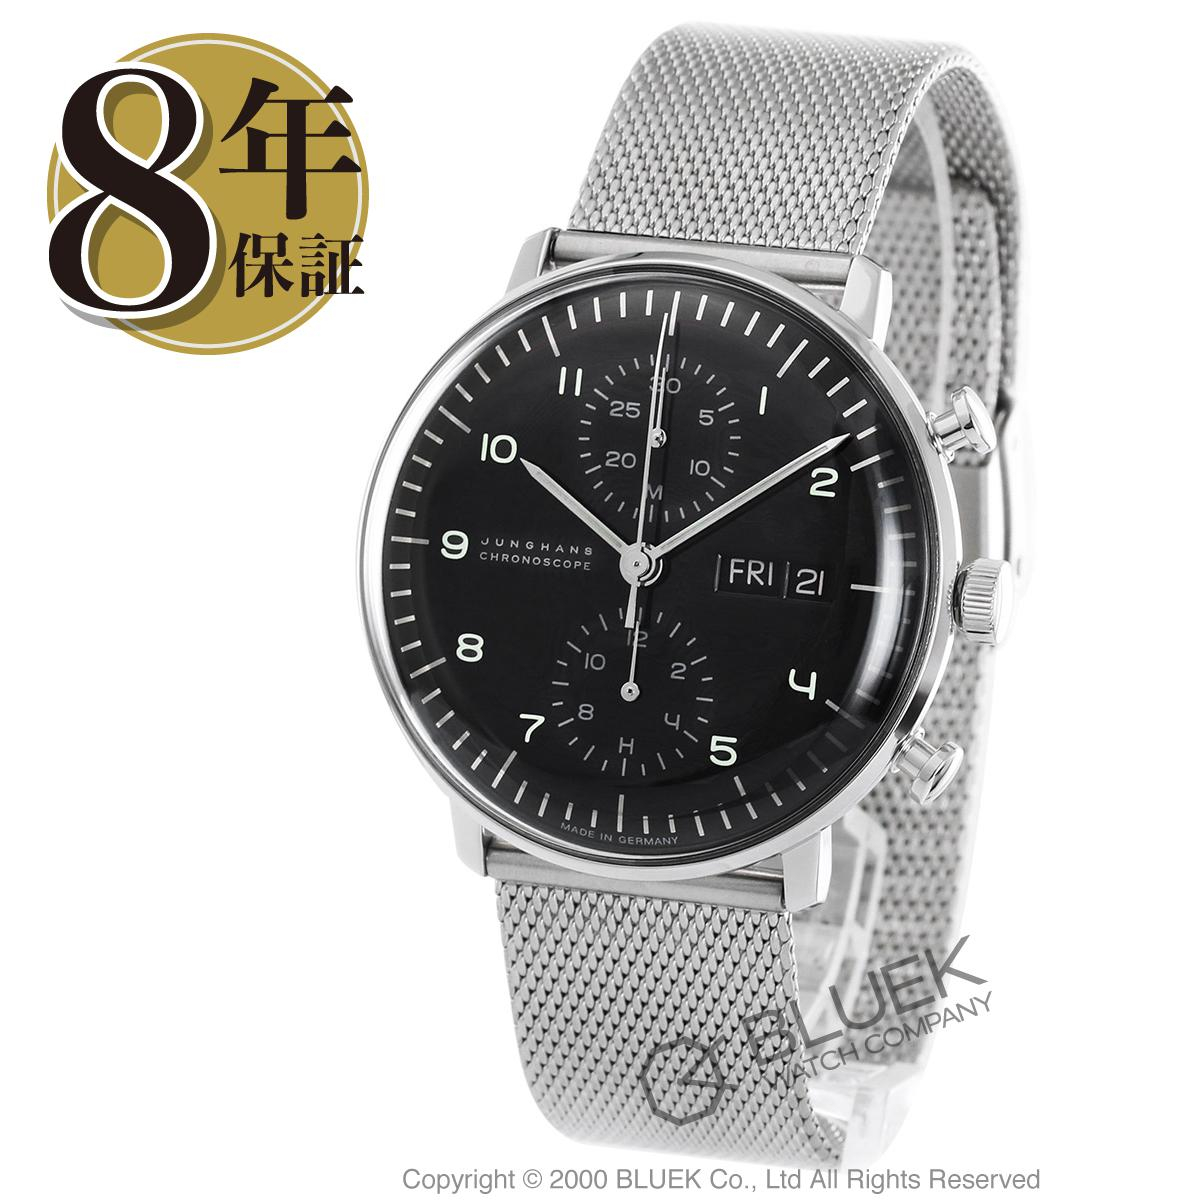 ユンハンス マックスビル クロノスコープ クロノグラフ 腕時計 メンズ JUNGHANS 027/4500.45_8 バーゲン 成人祝い ギフト プレゼント